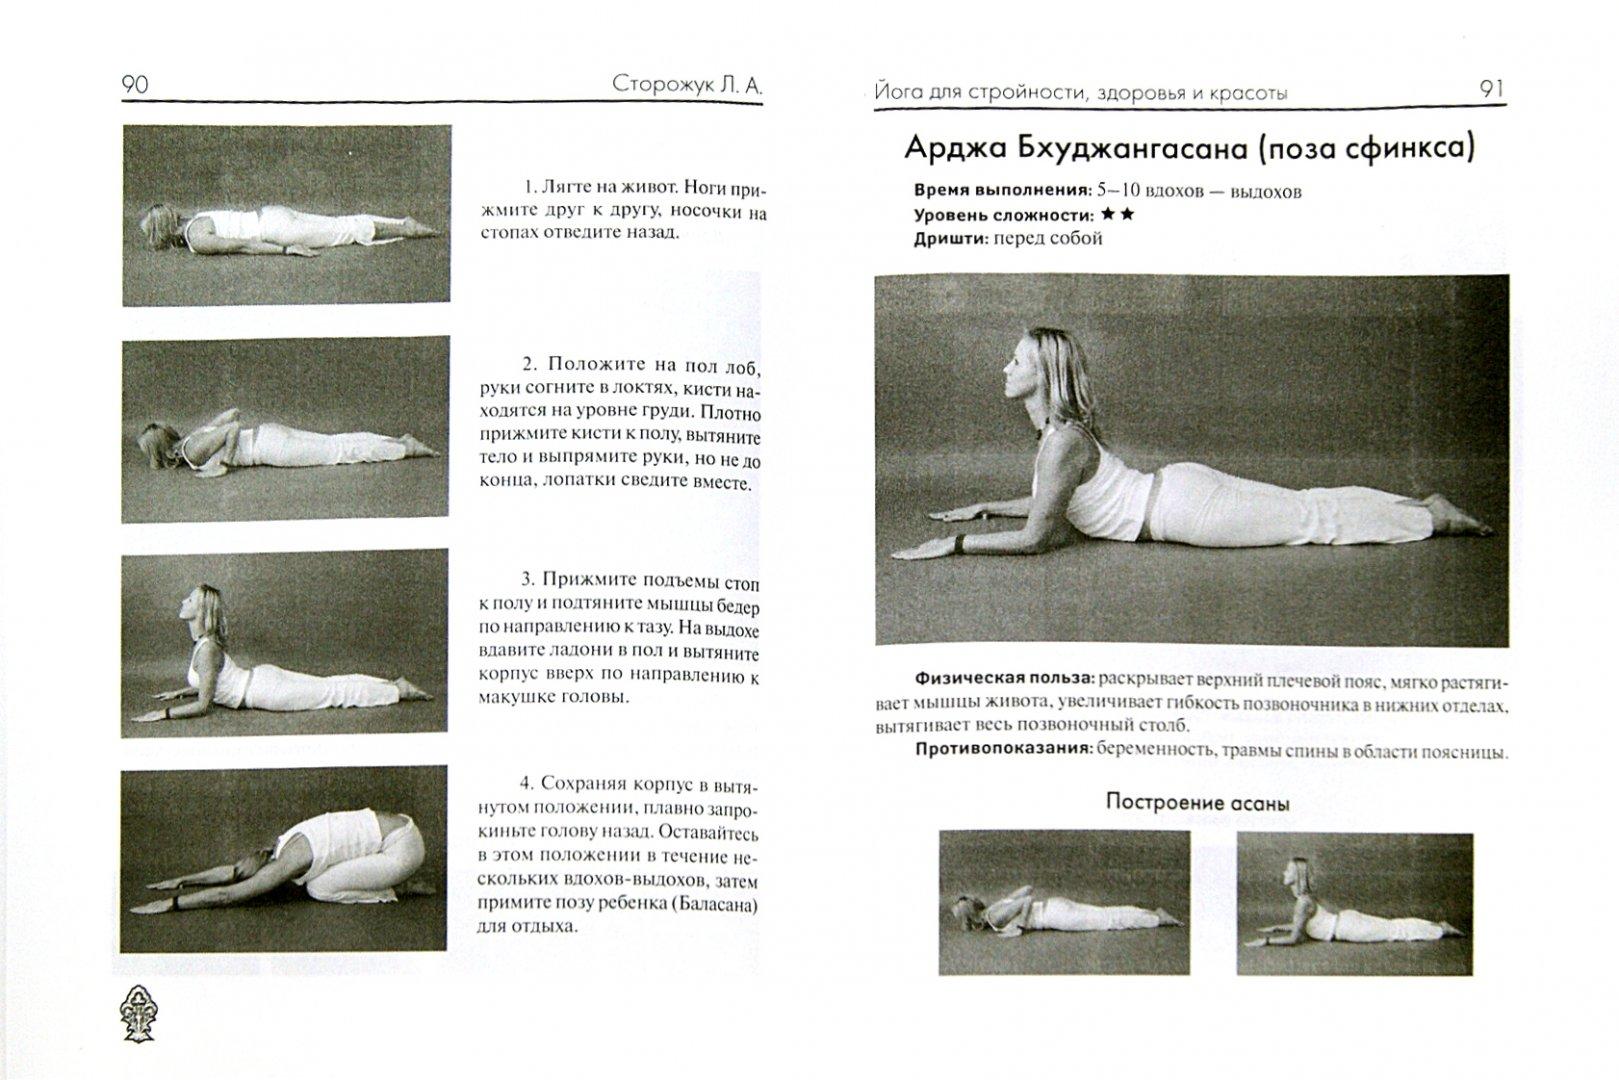 Иллюстрация 1 из 7 для Йога для стройности, здоровья и красоты - Лариса Сторожук   Лабиринт - книги. Источник: Лабиринт